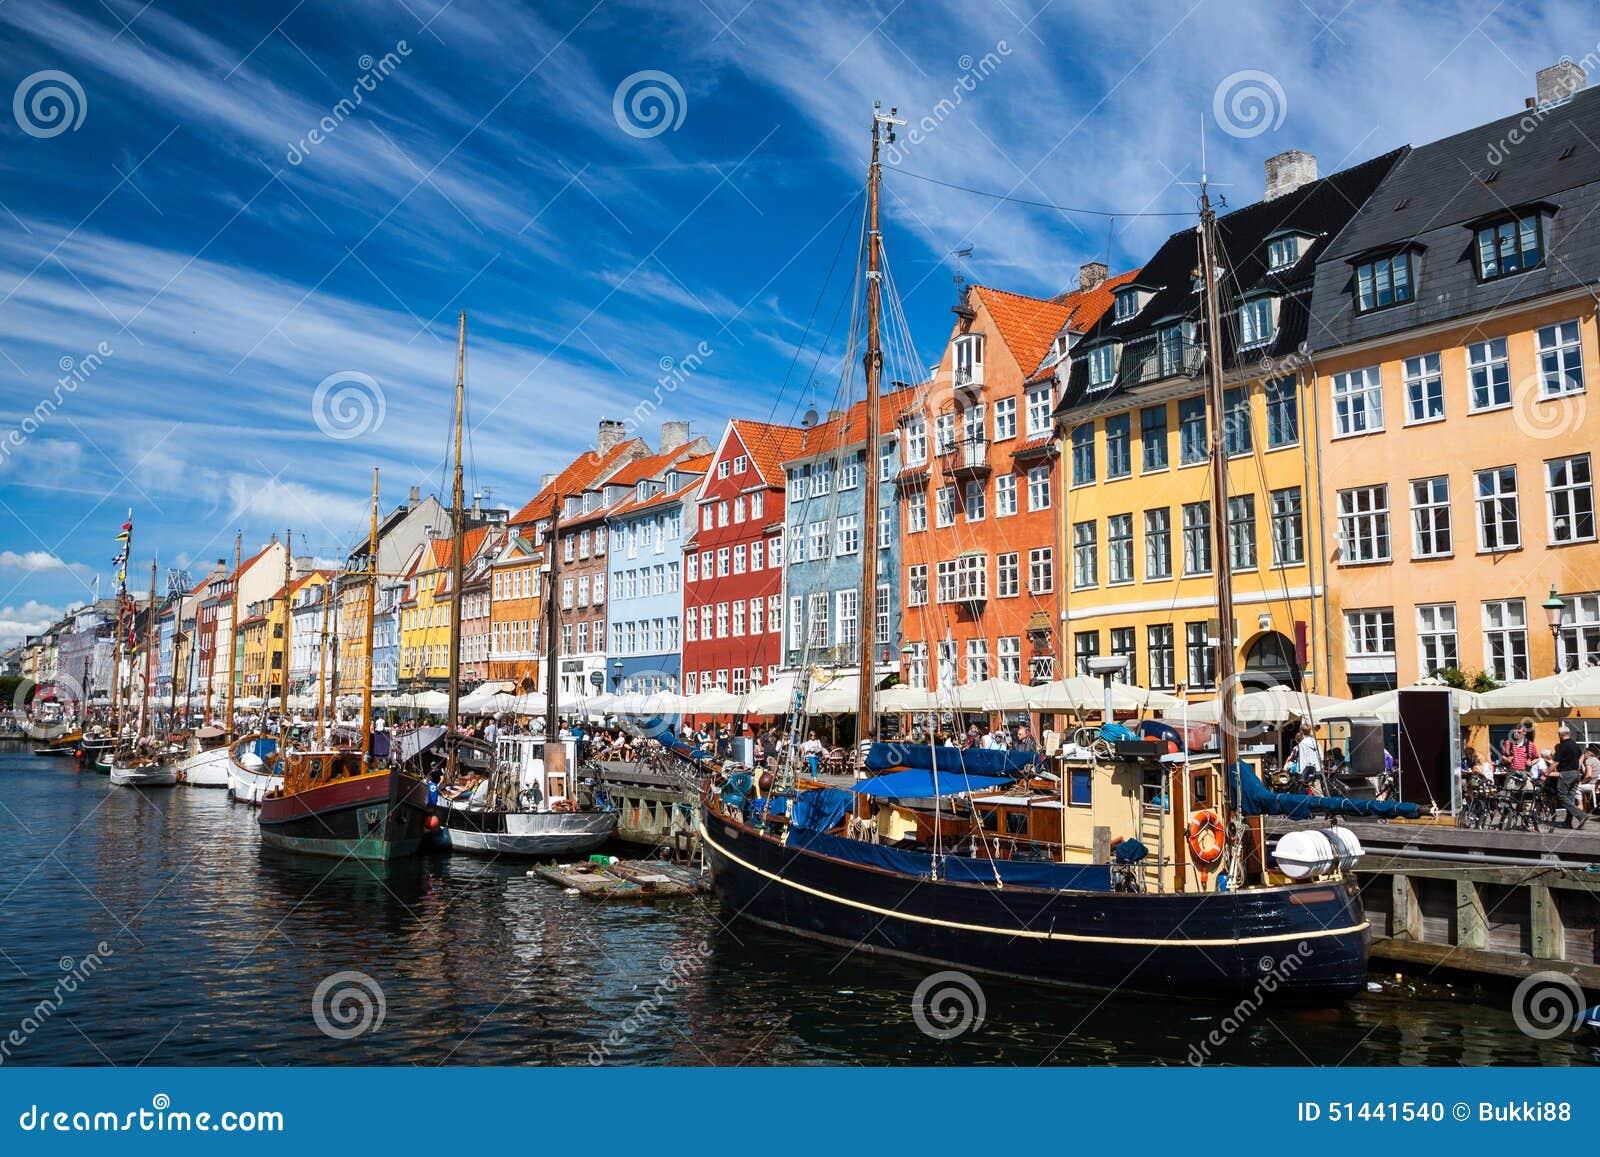 Download Nyhavn Harbour In Copenhagen, Denmark Stock Photo - Image of city, exterior: 51441540